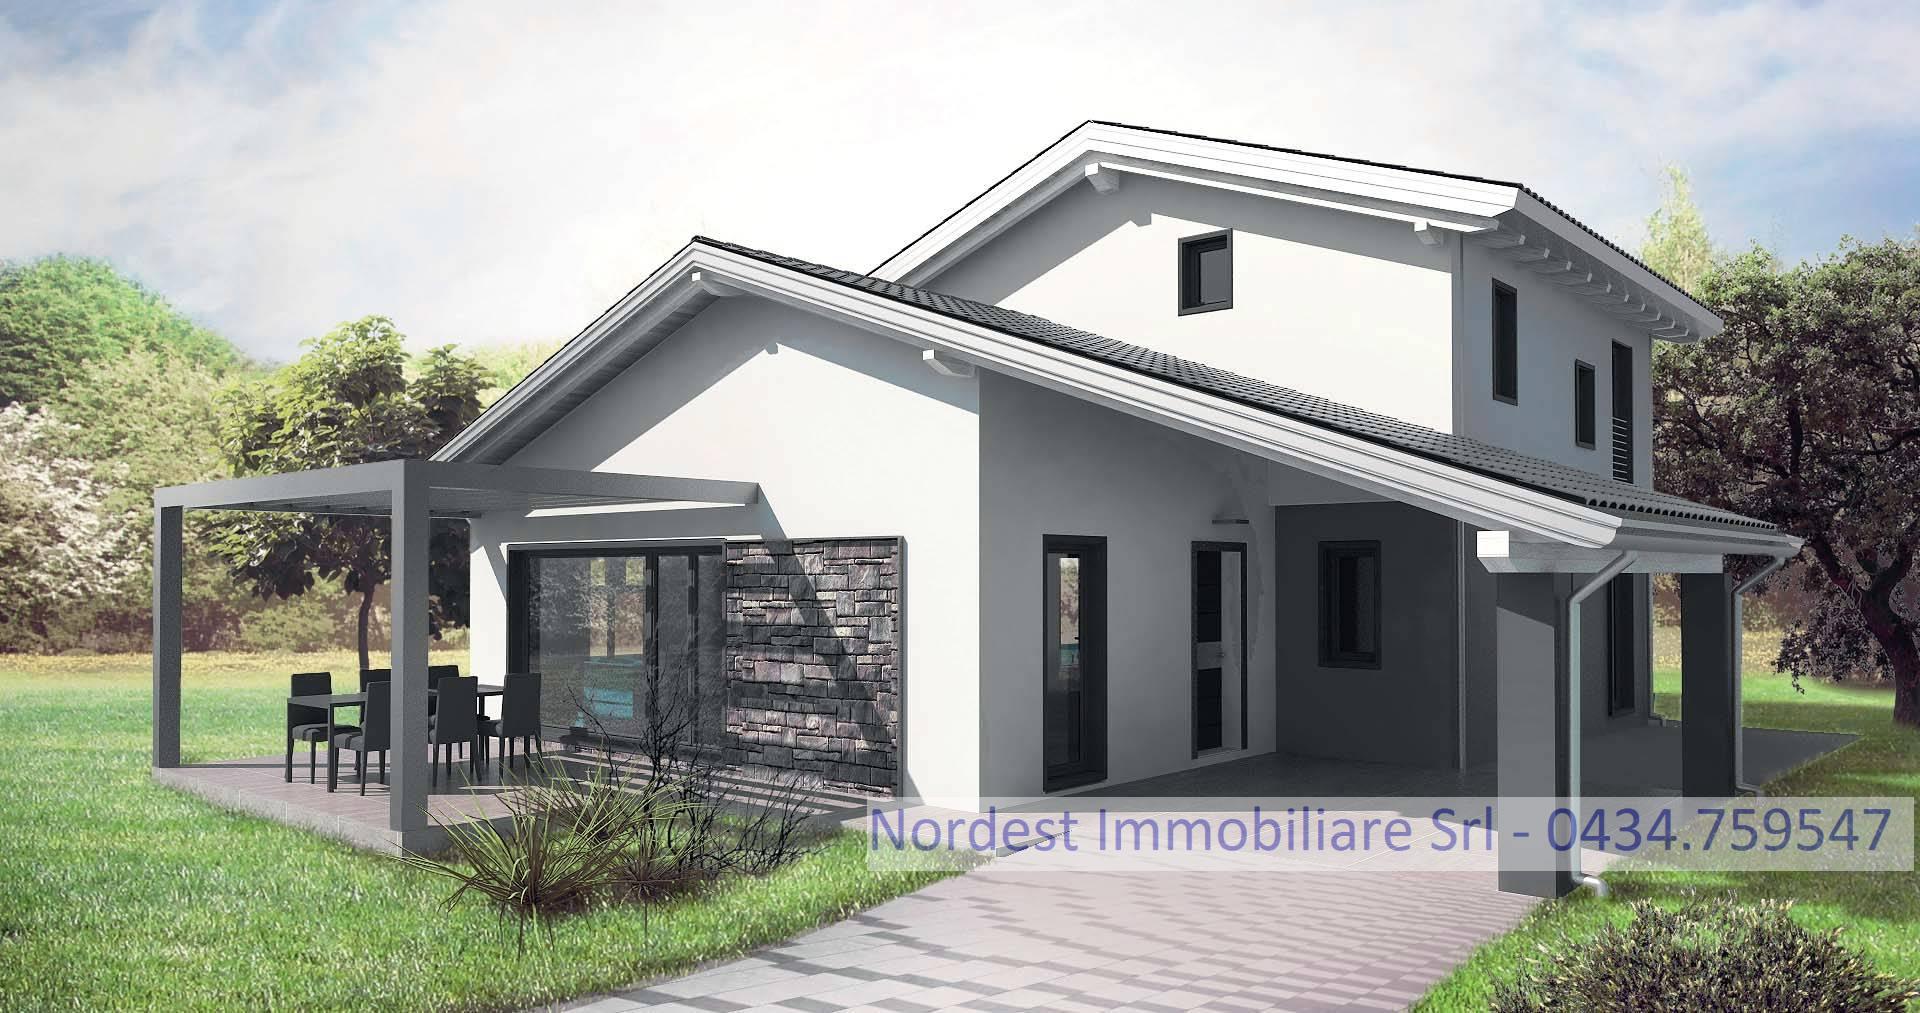 Soluzione Indipendente in vendita a Castelbaldo, 6 locali, prezzo € 160.000 | CambioCasa.it